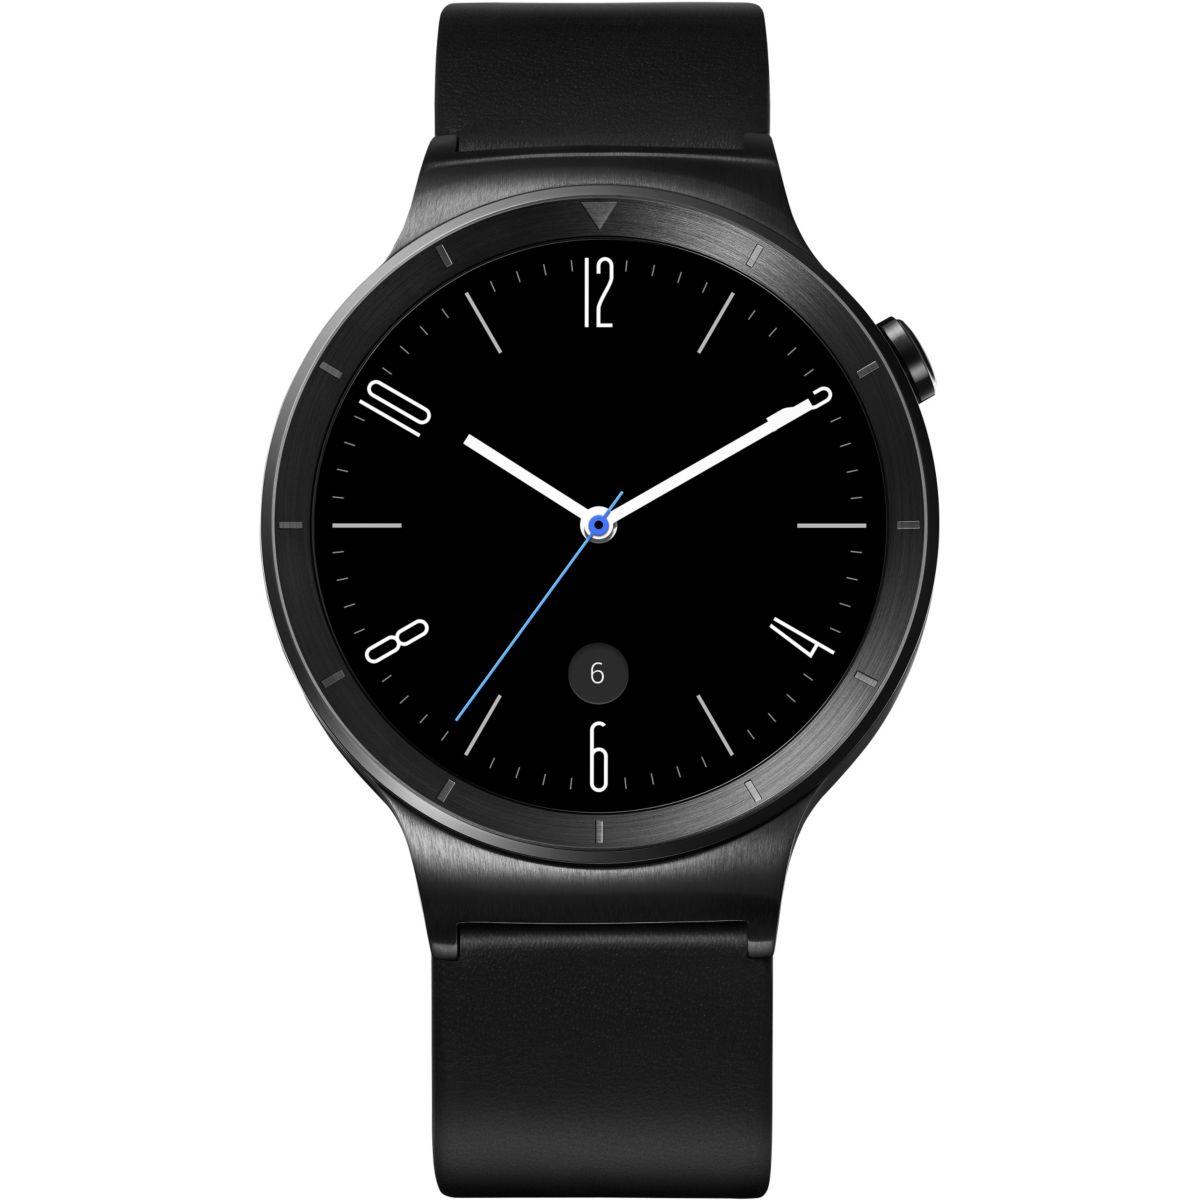 Montre connectée huawei watch active noir/cuir - 10% de remise immédiate avec le code : top10 (photo)